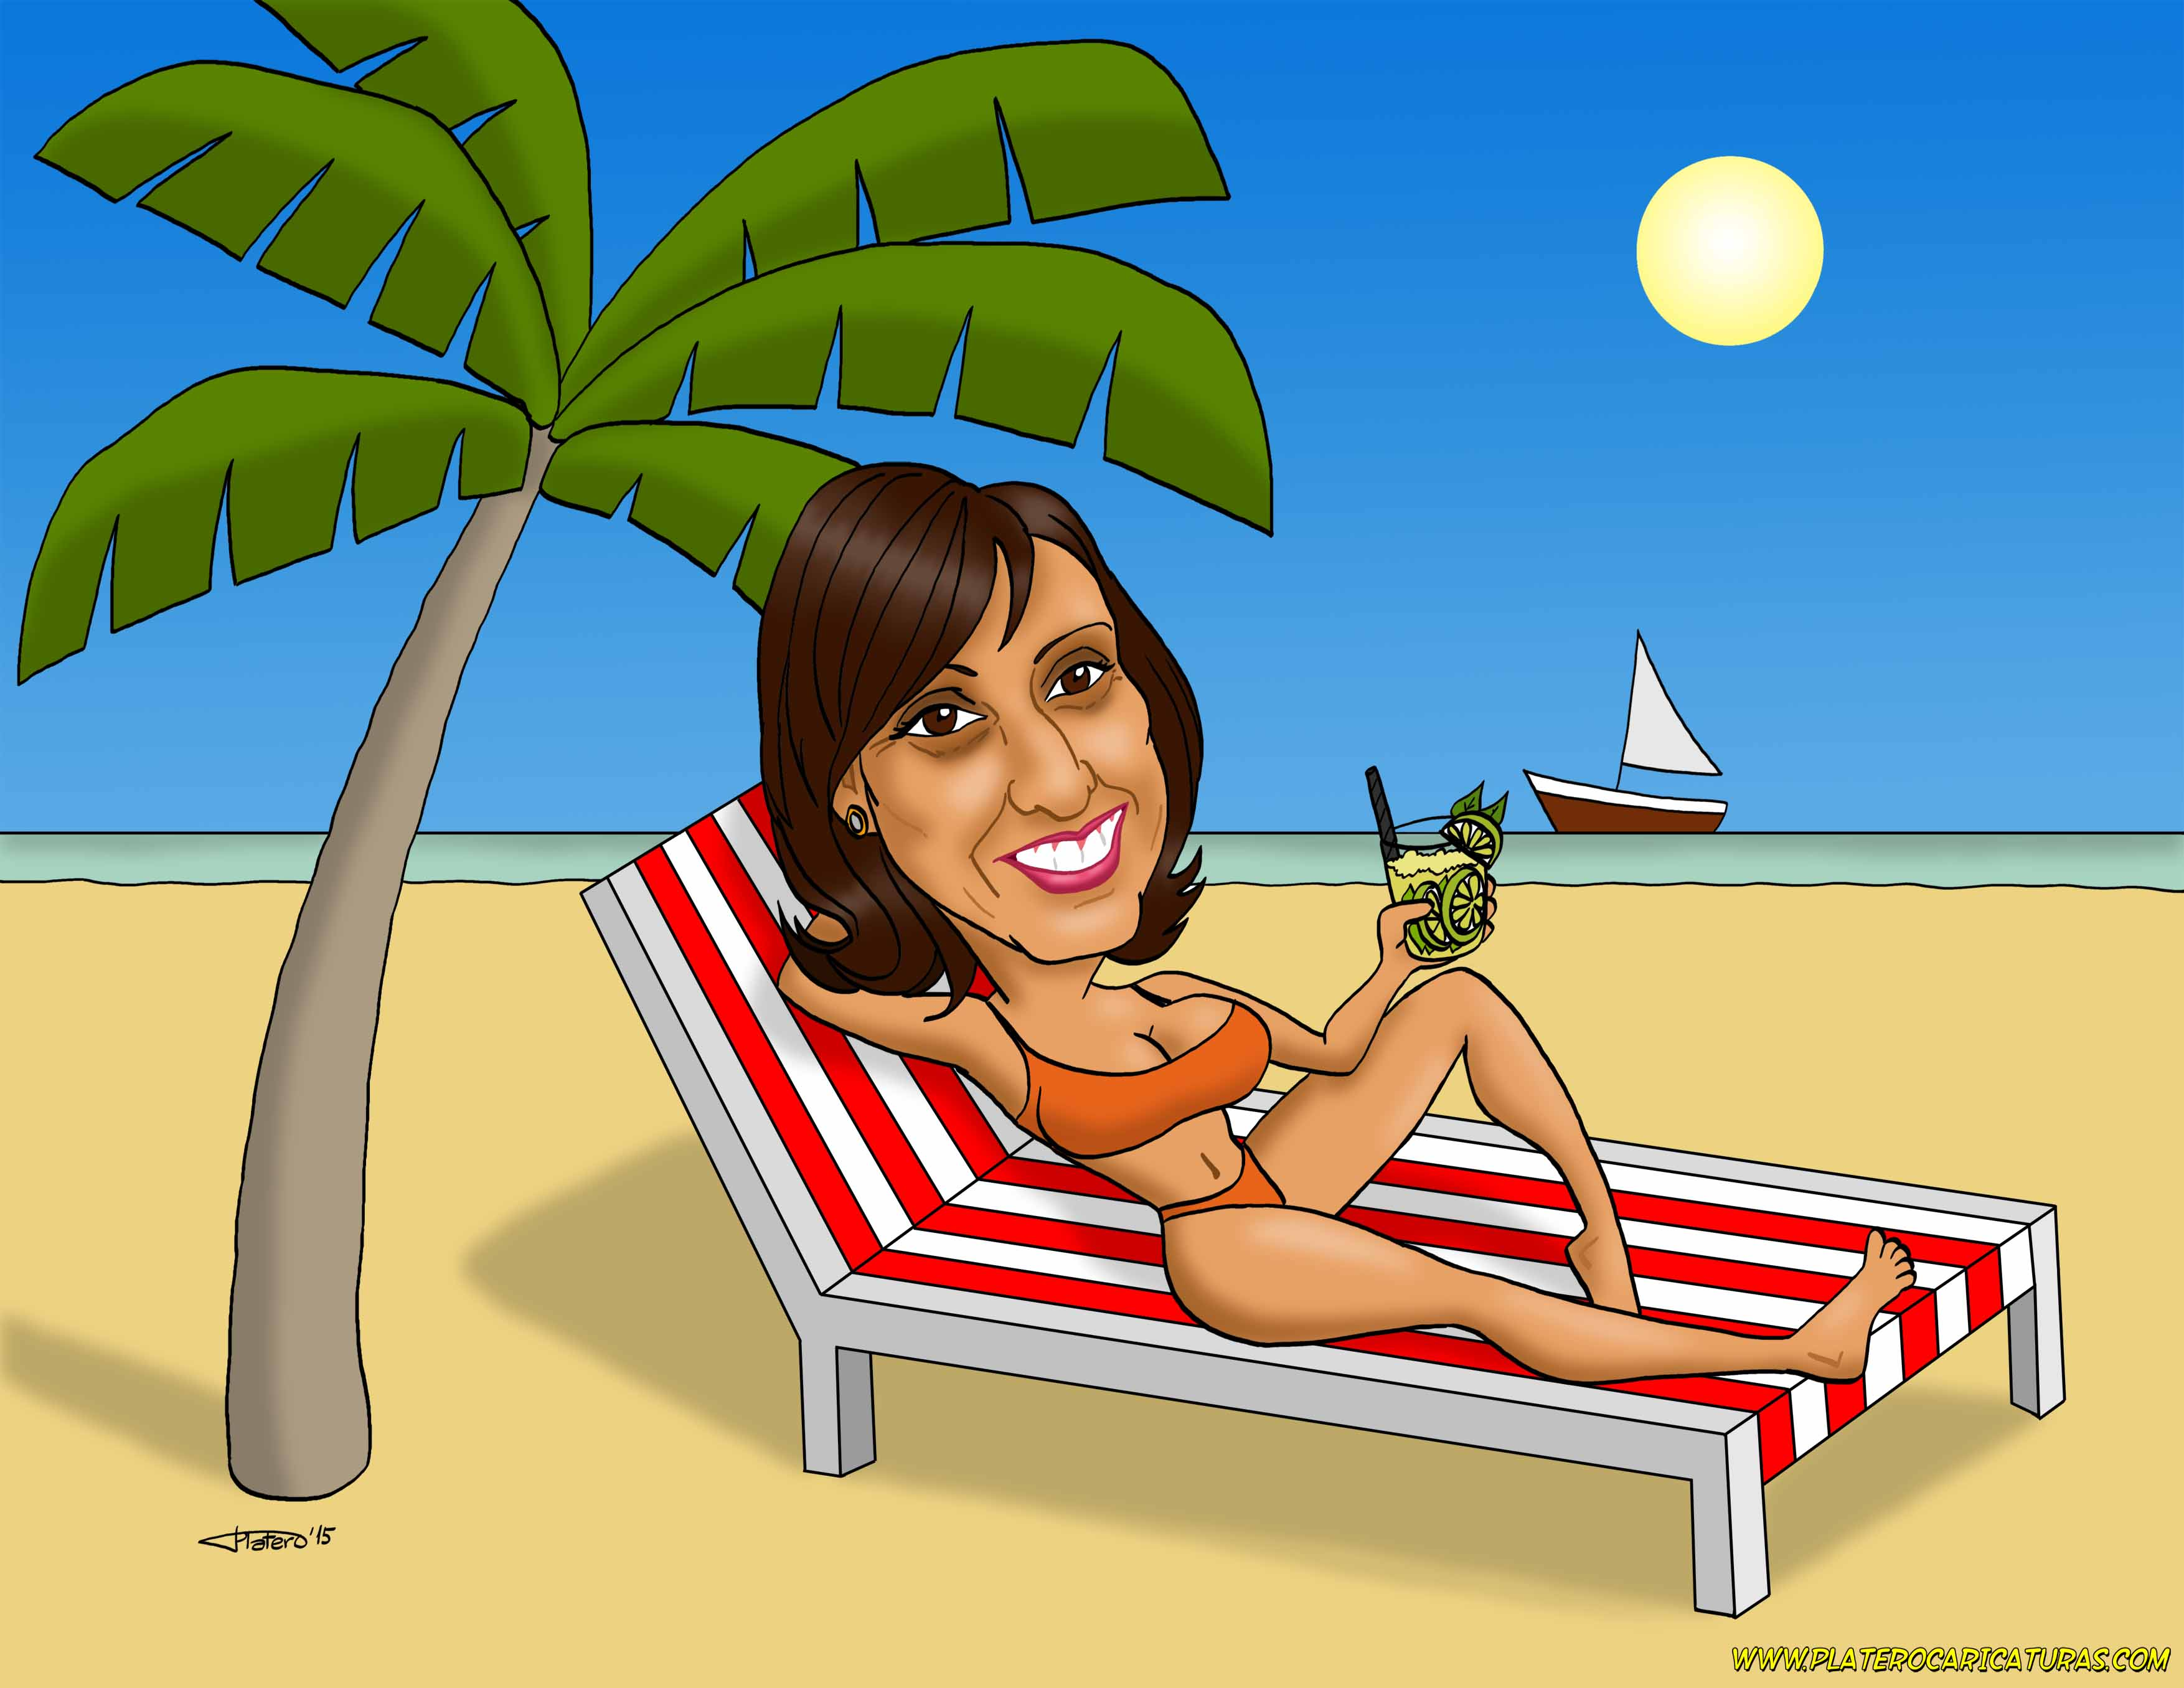 caricatura_a_color_por_encargo_personalizada_mujer_tumbada_en_hamaca_en_playa_co